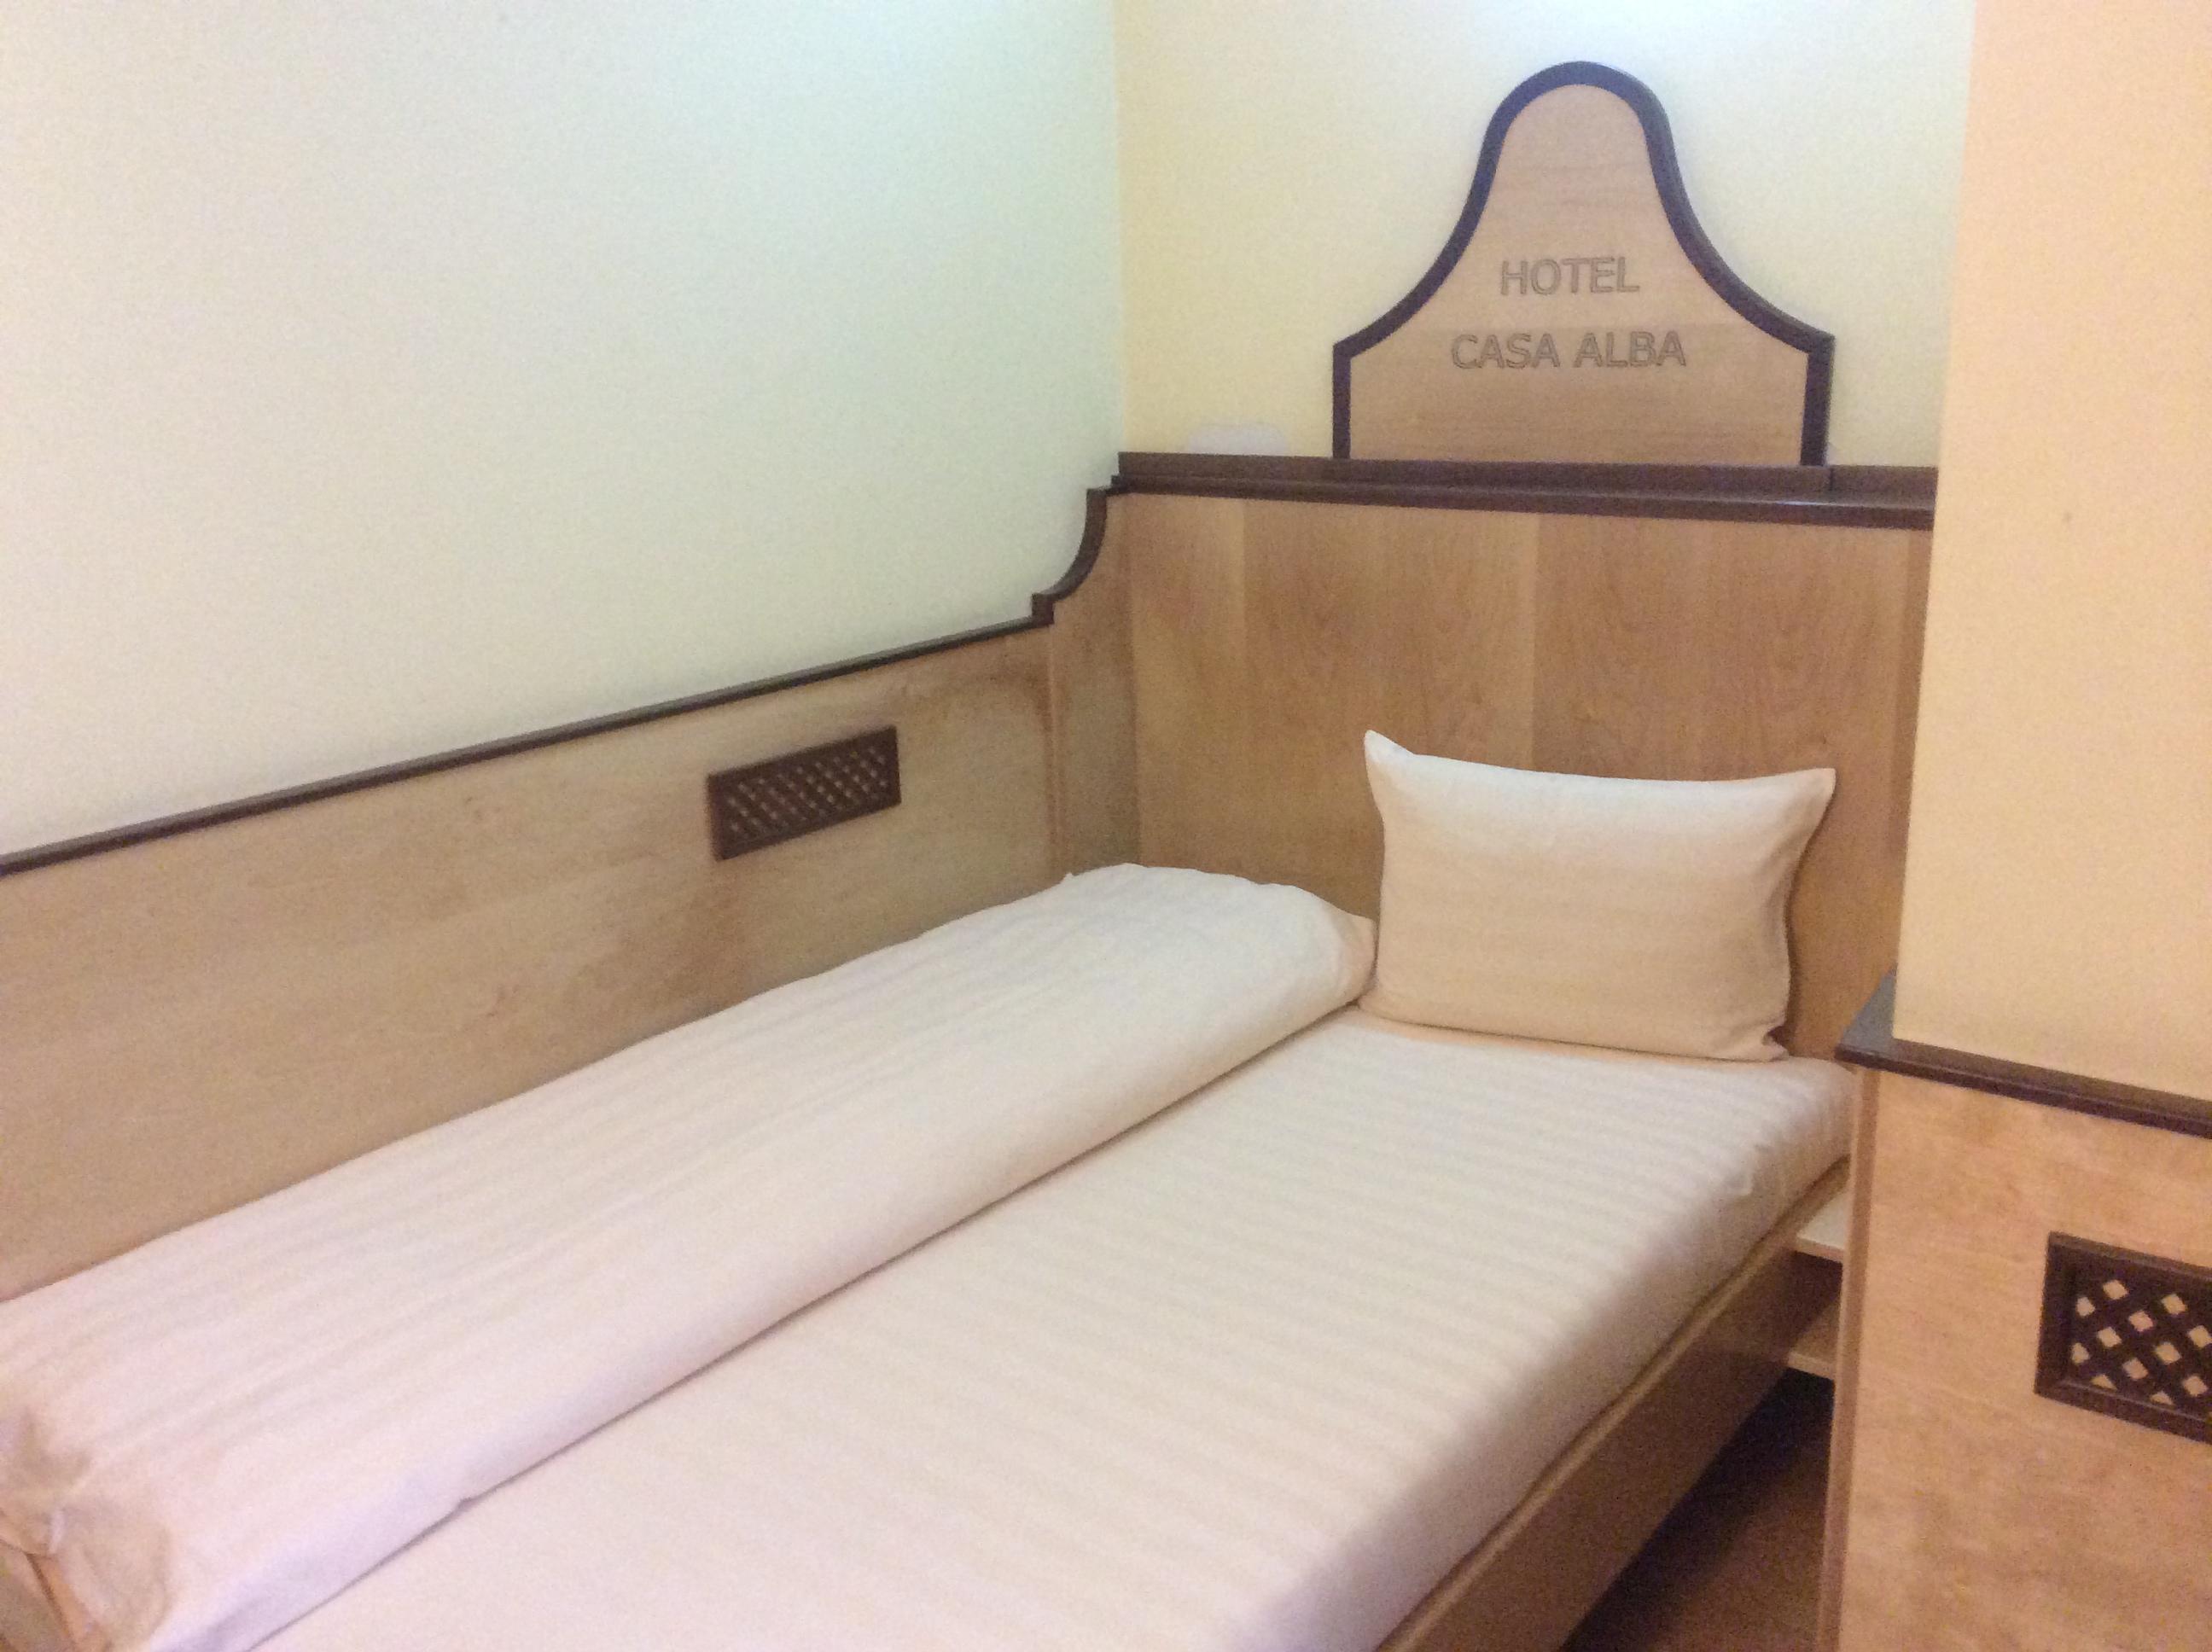 cazare în cameră single